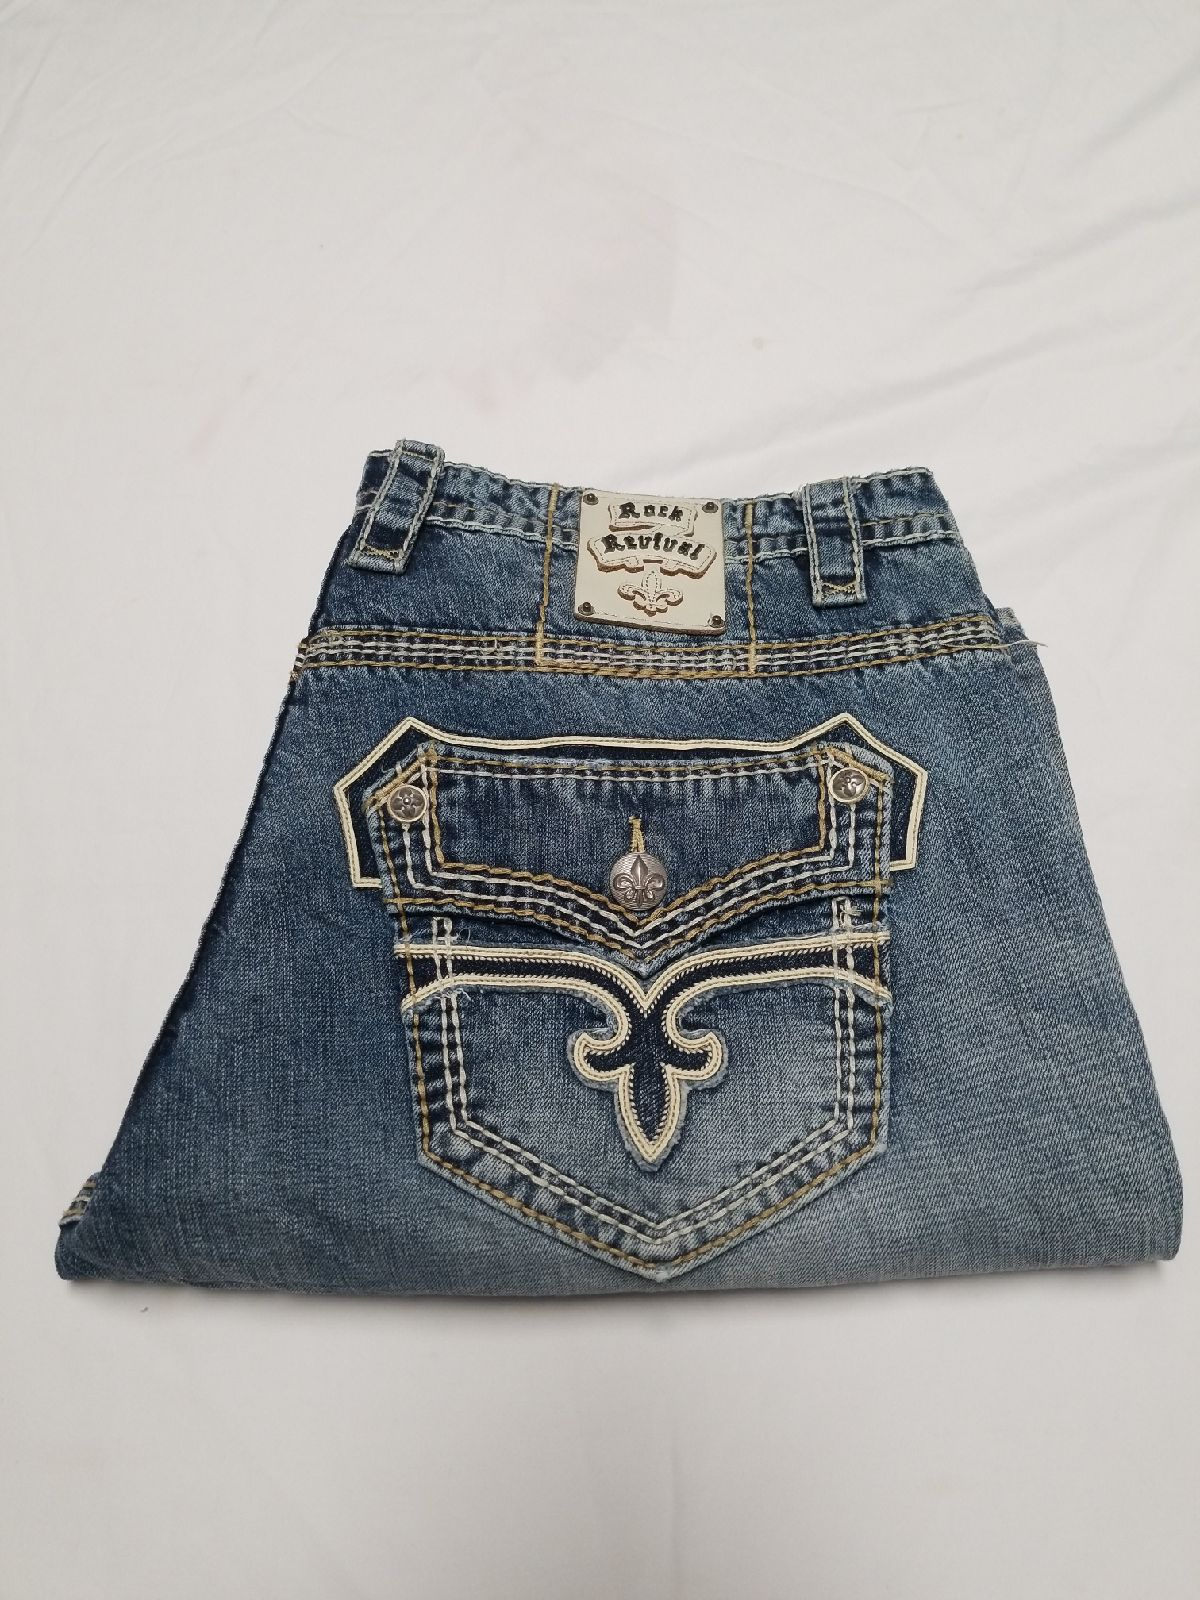 Rock Revival jeans men size 40x32